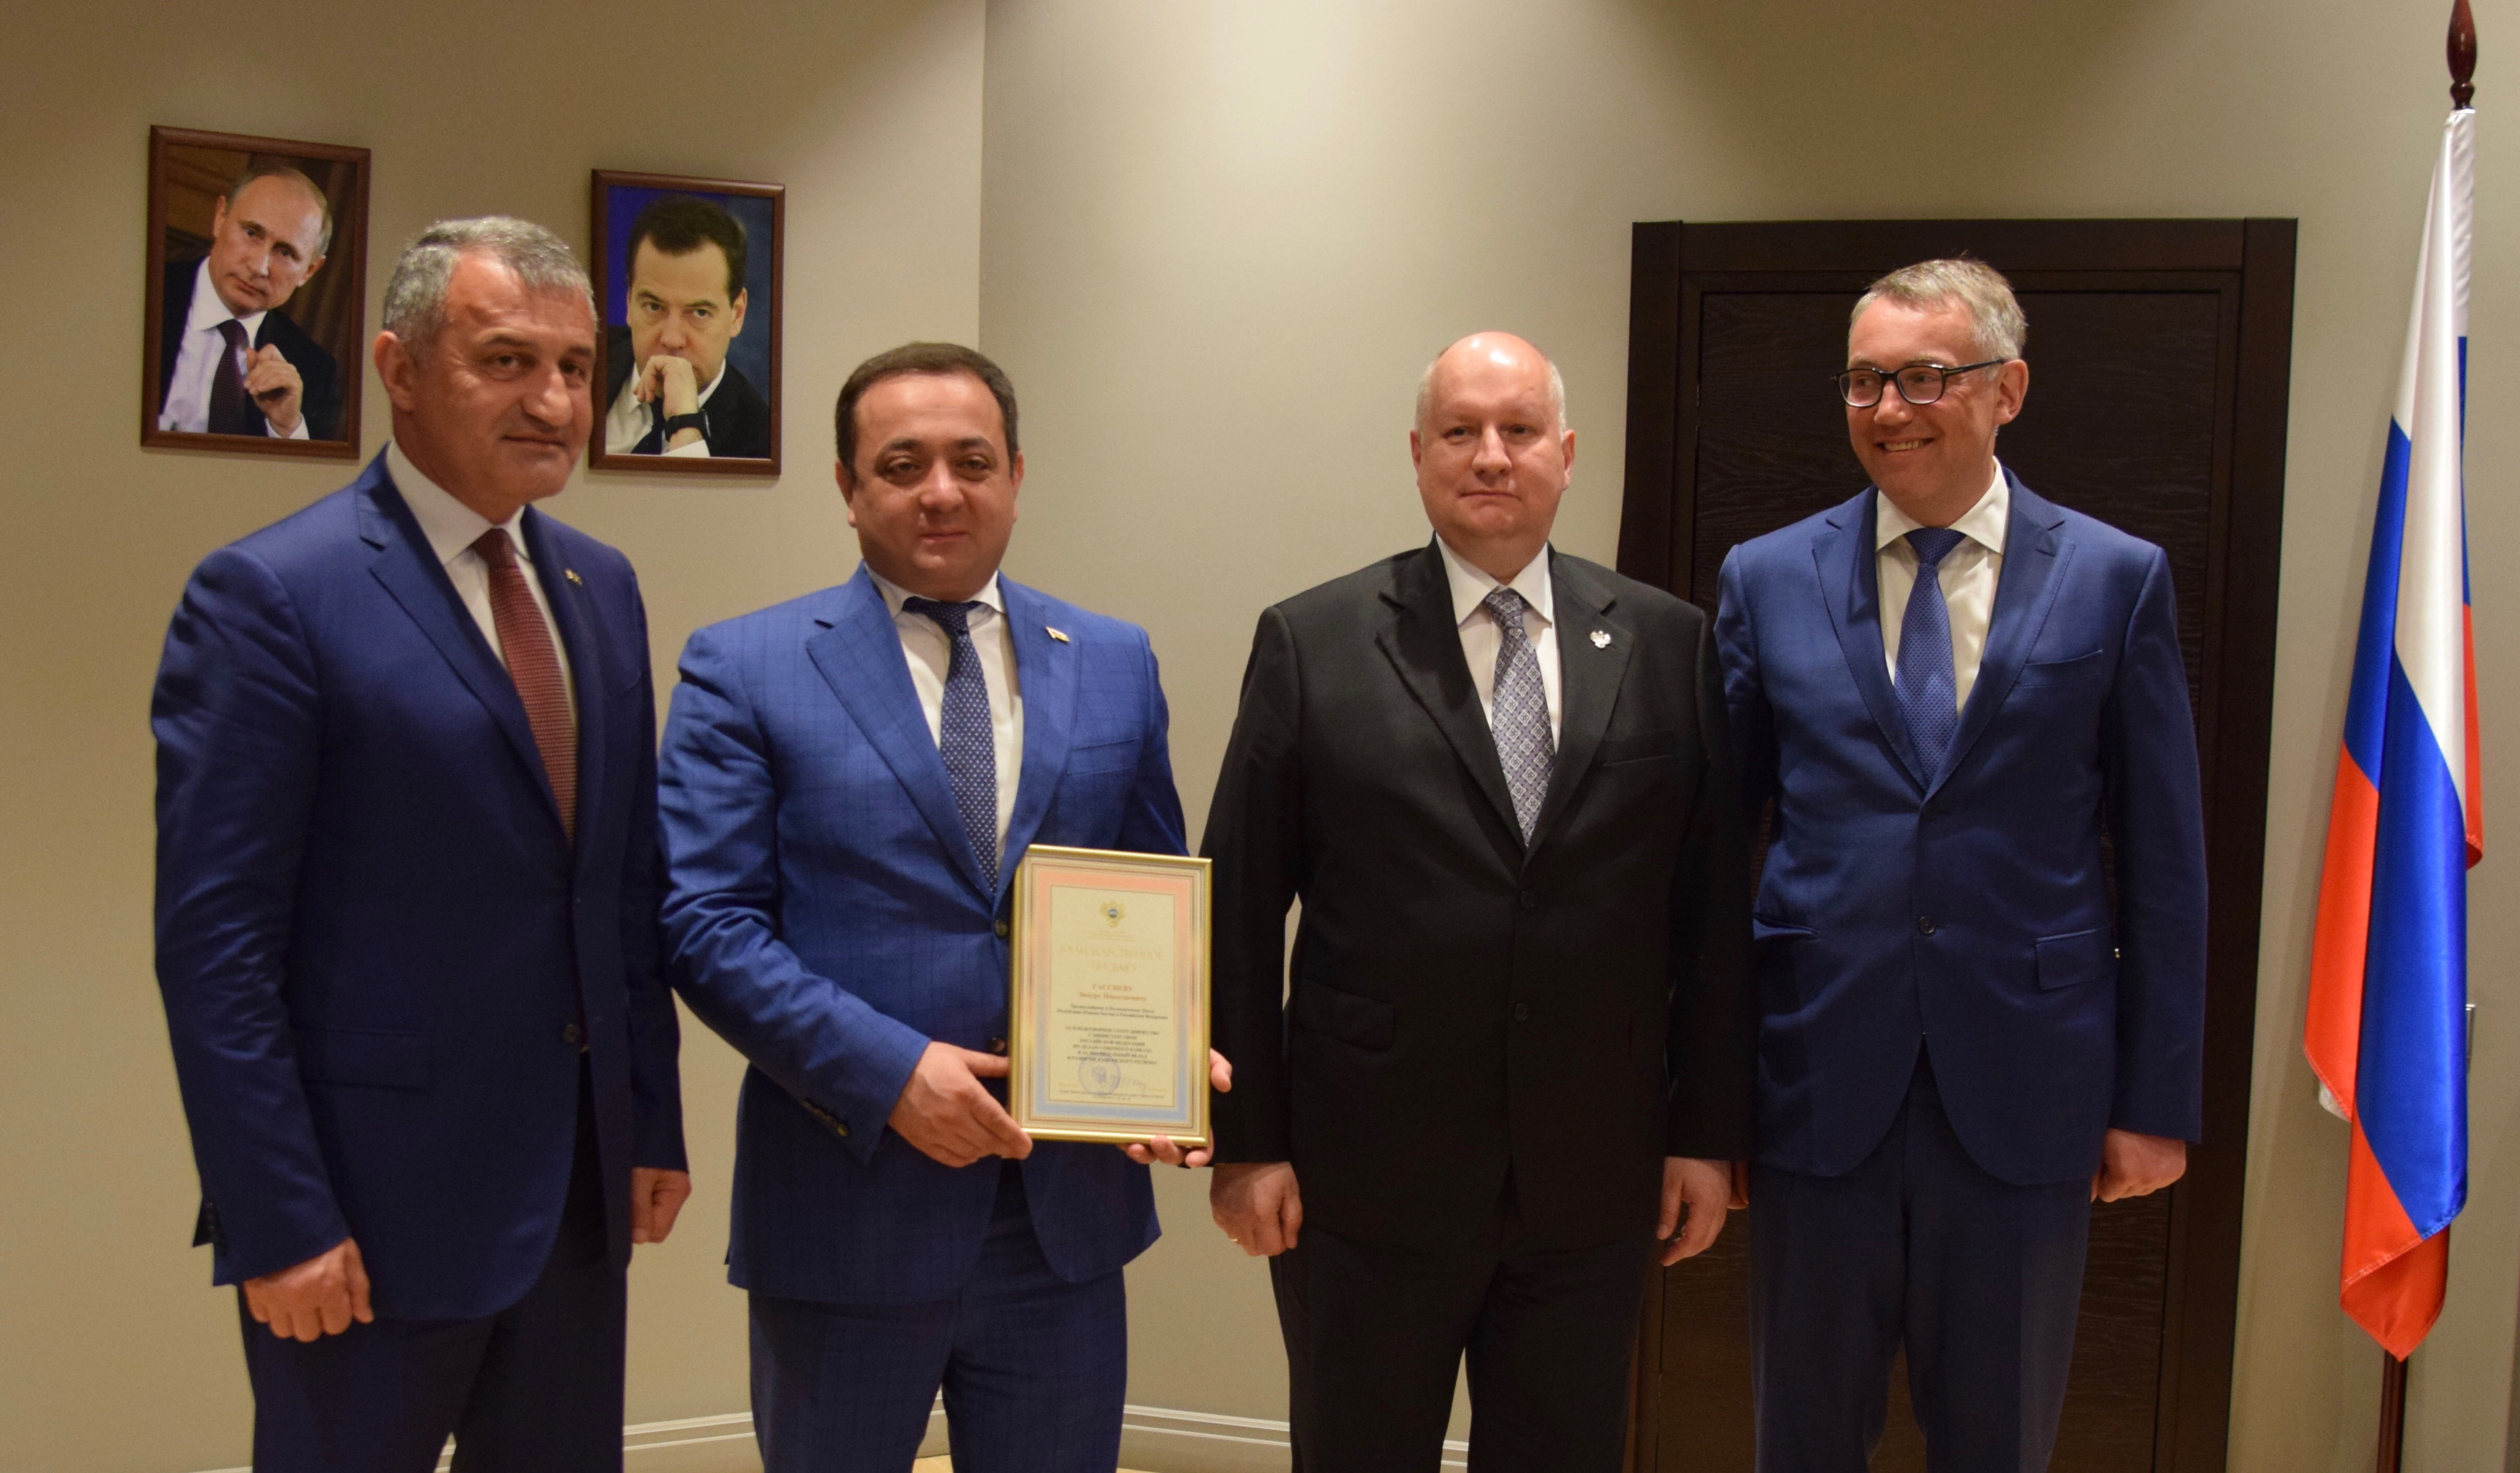 Сергей Чеботарев отметил вклад Знаура Гассиева в развитие СКФО